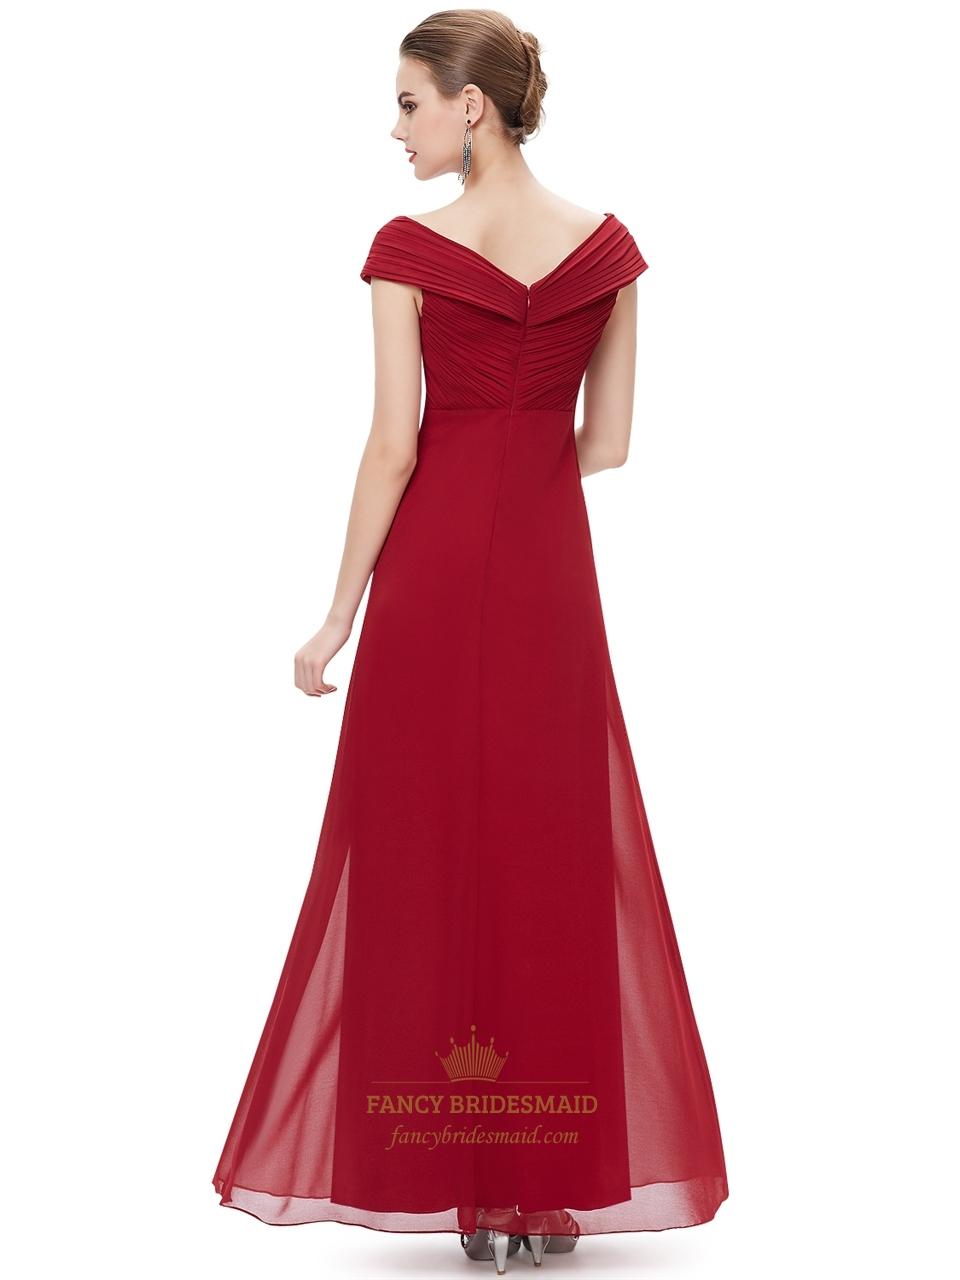 bd225372fe5 Burgundy Flowy Chiffon Off The Shoulder Empire Waist Bridesmaid Dresses